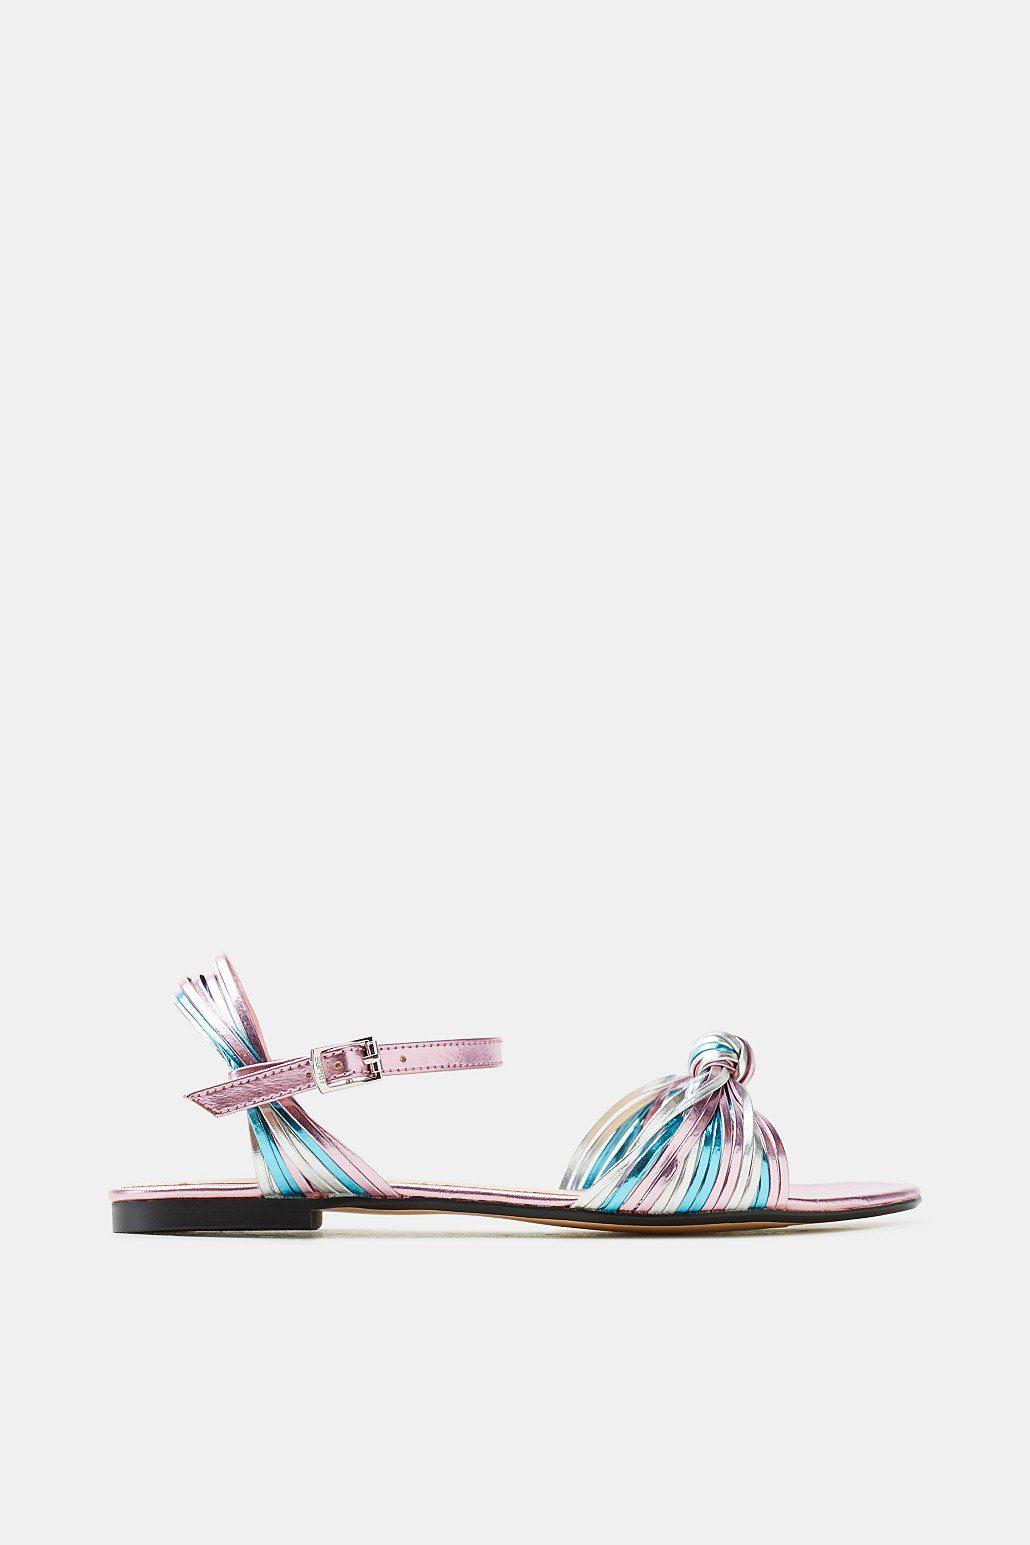 Esprit ESPRIT Flache Metallic-Sandale mit schmalen Riemchen, rosa, PINK